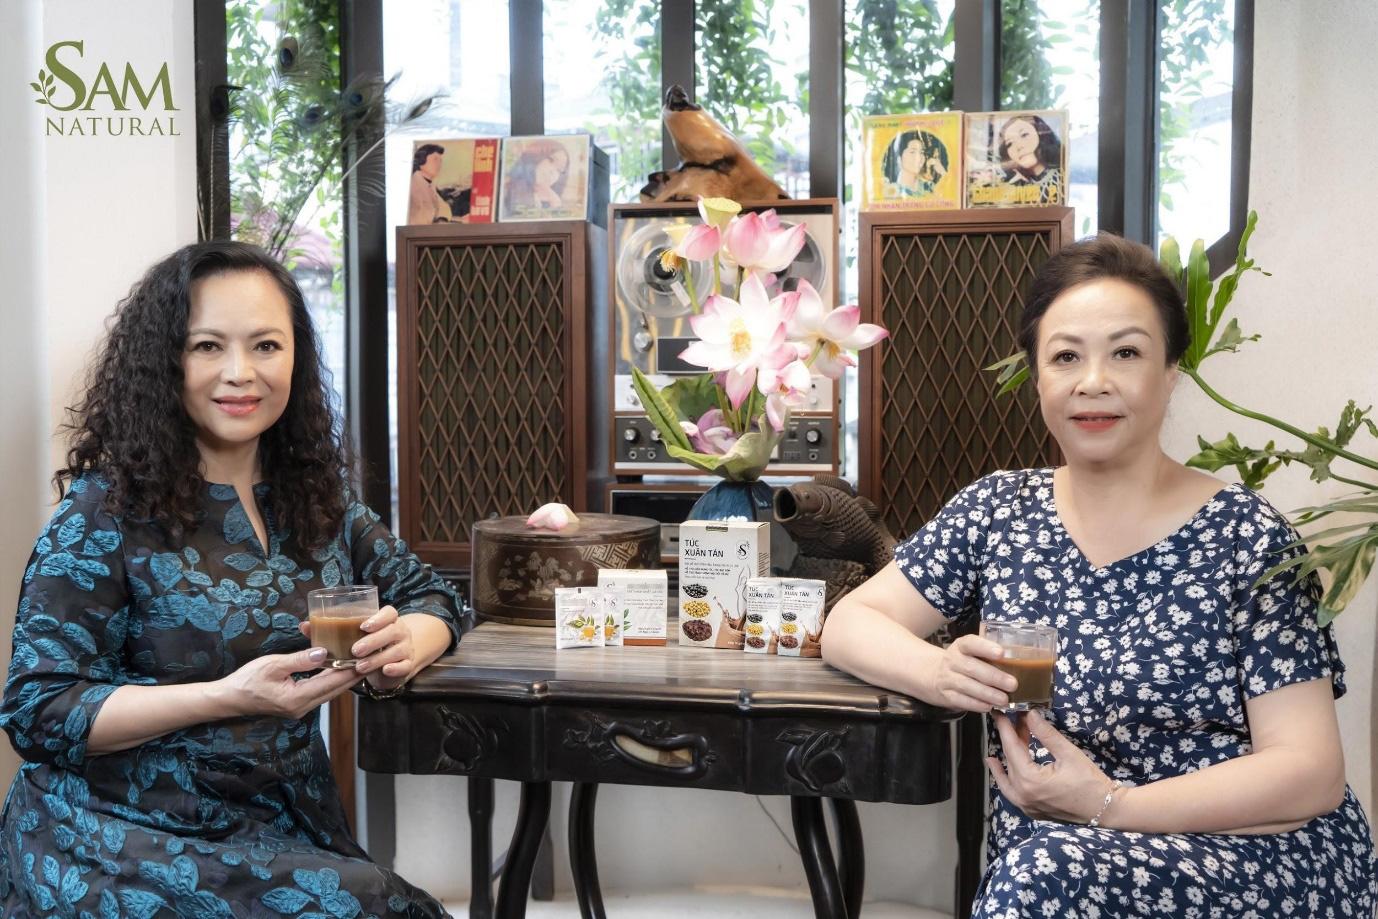 3 bà mẹ chồng quốc dân: đã ngoài 60 nhưng tuổi chẳng đuổi xuân đi - Ảnh 1.